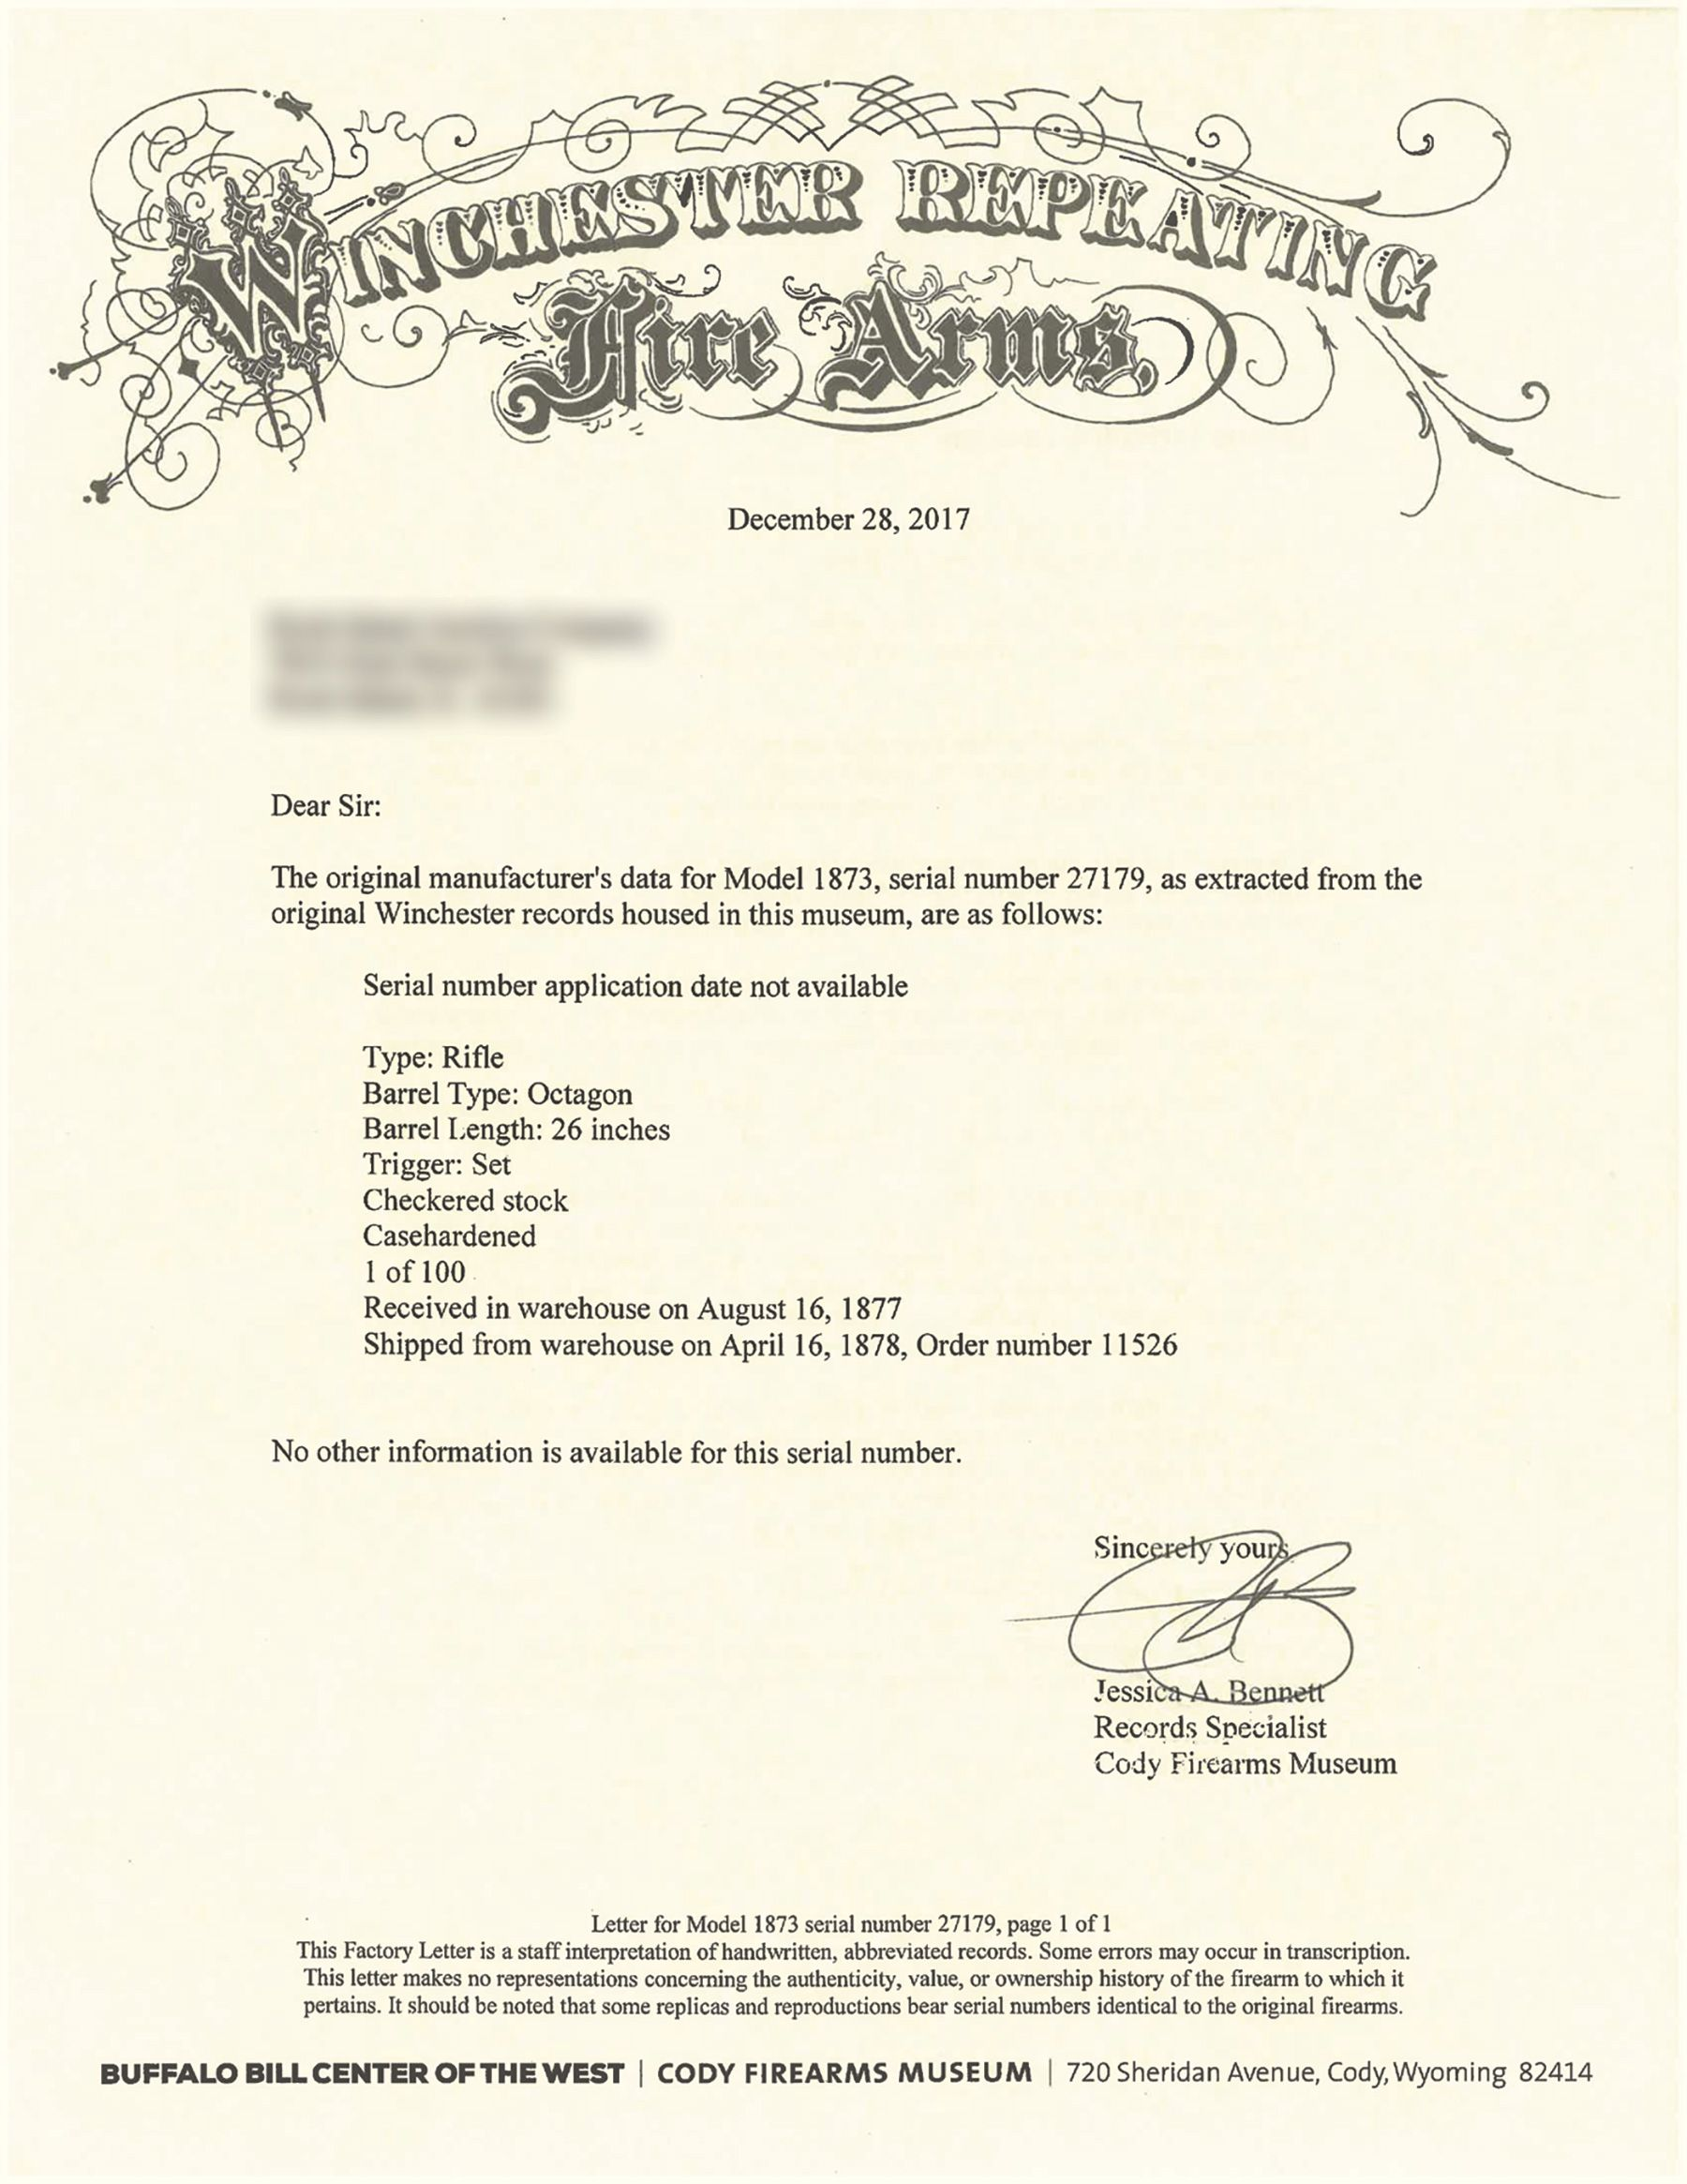 Cody Firearms Museum letter